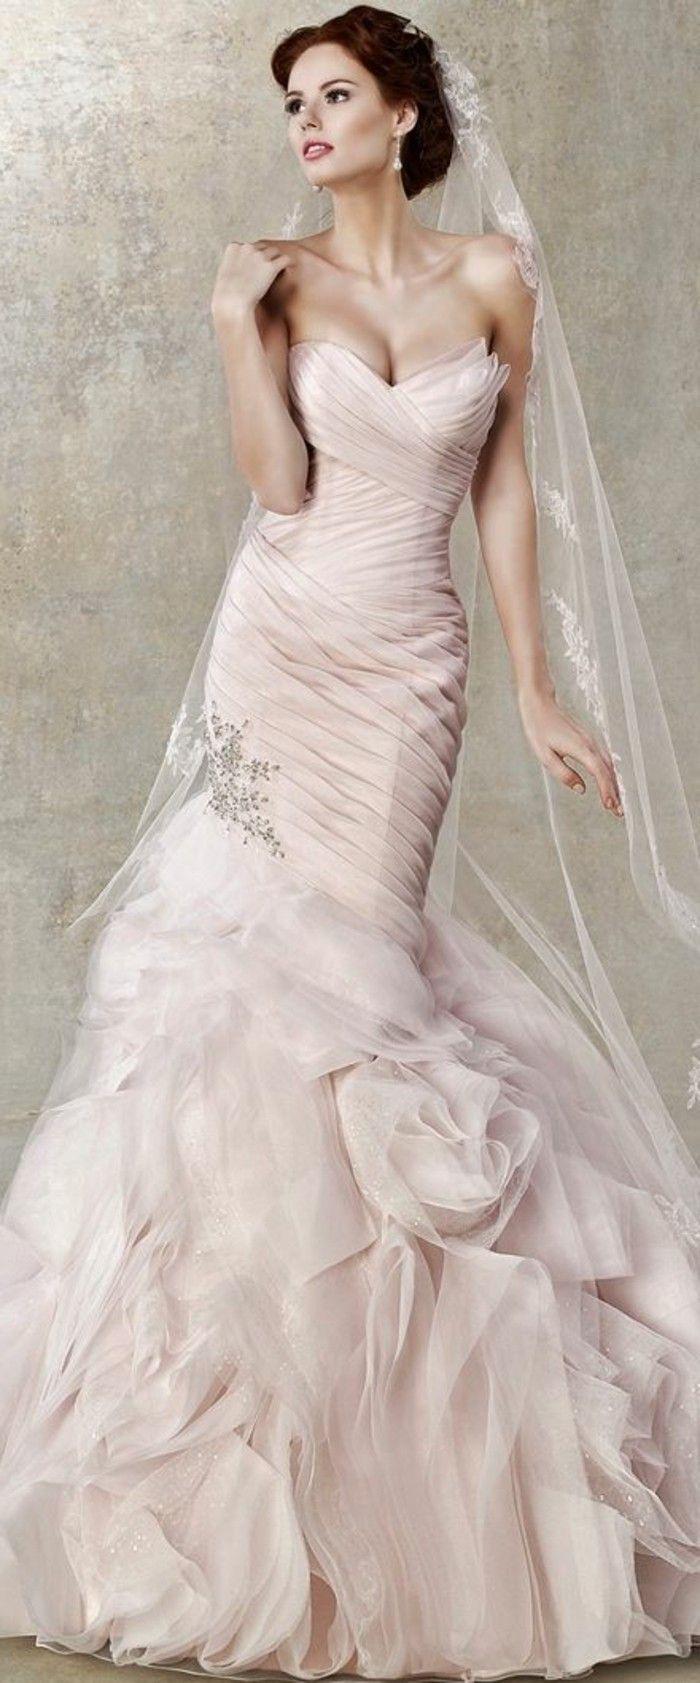 Brautkleid in Rosa und langen schleier